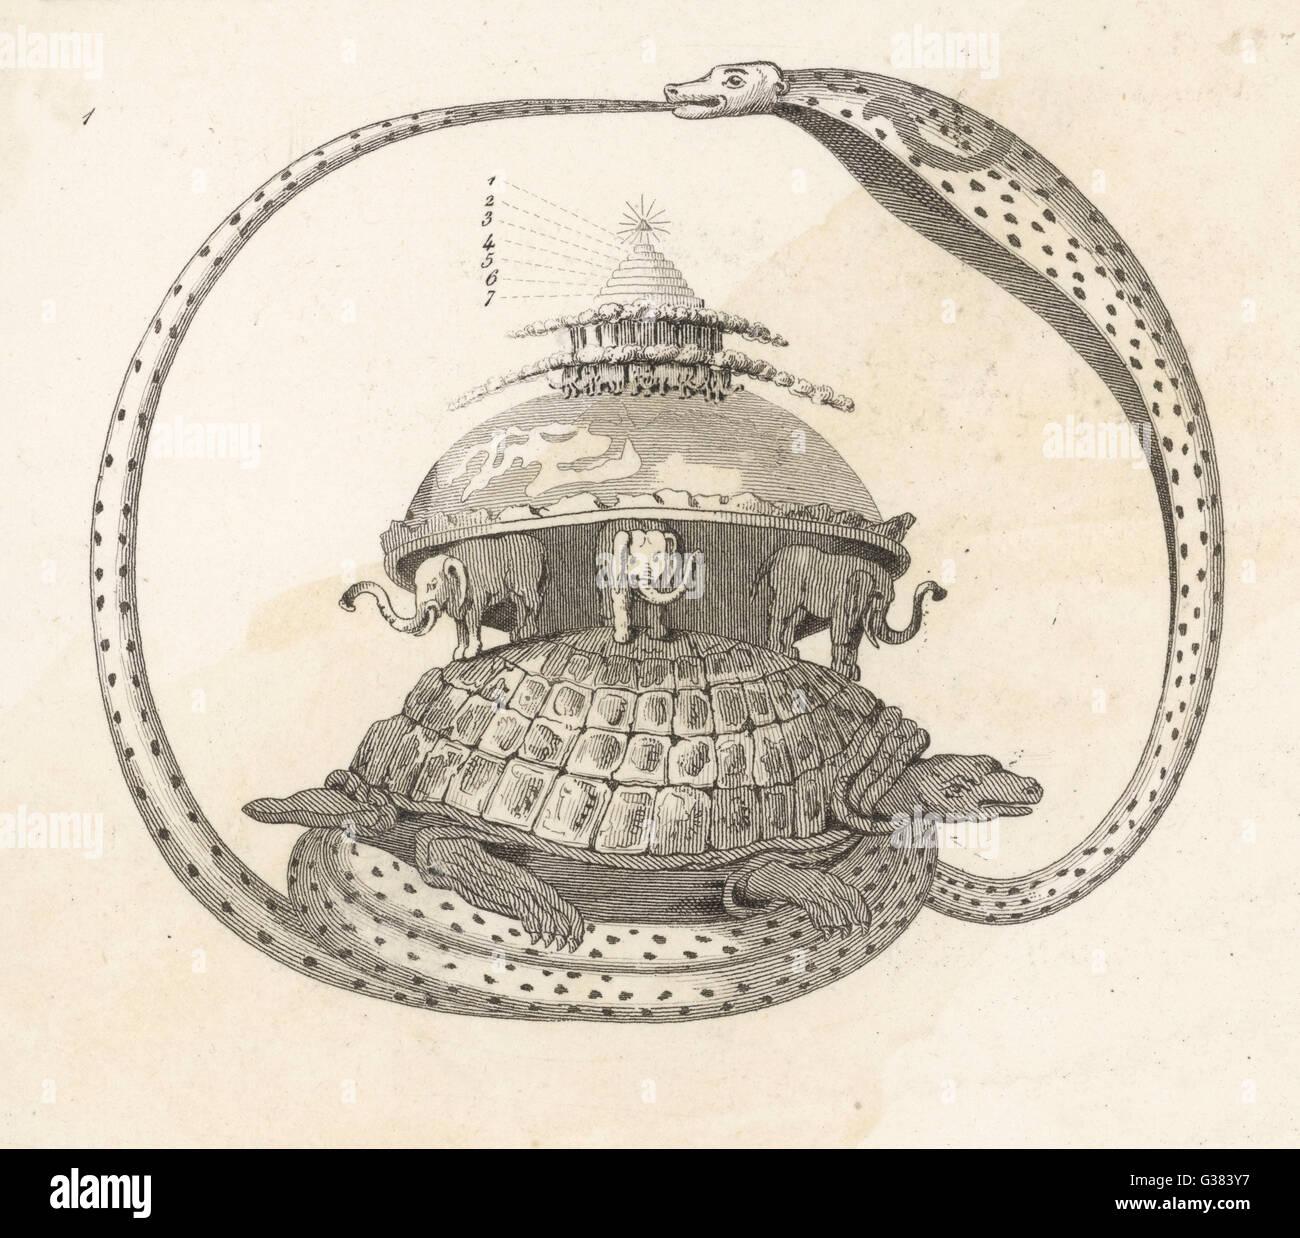 Das Konzept des Universums: die kosmische Schildkröte mit einer Schlange (Cobra) und Elefanten. Stockbild